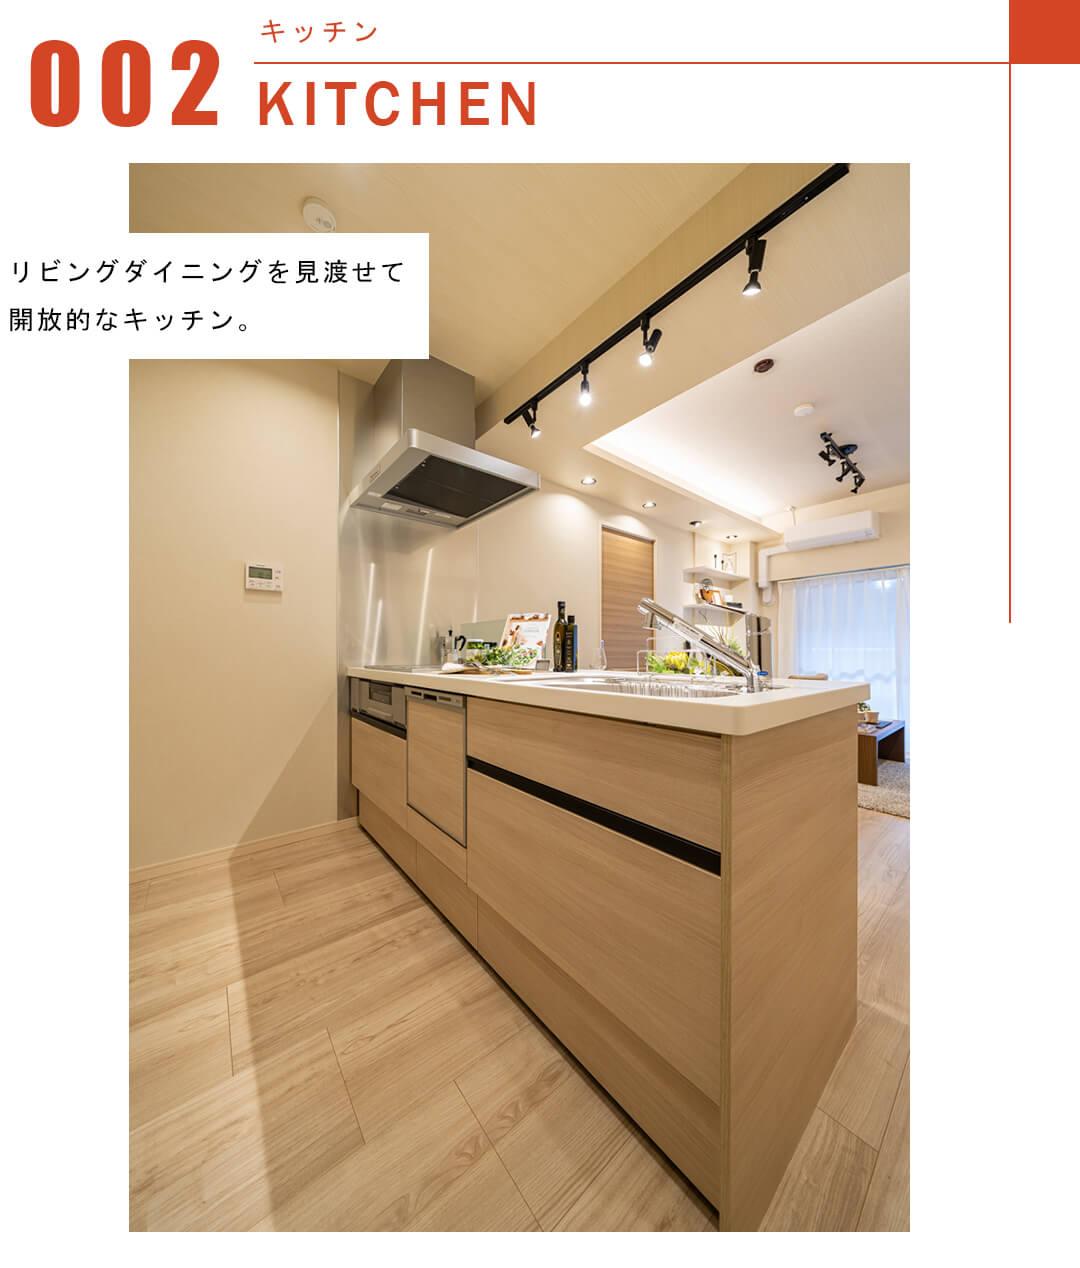 笹塚サンハイツのキッチン